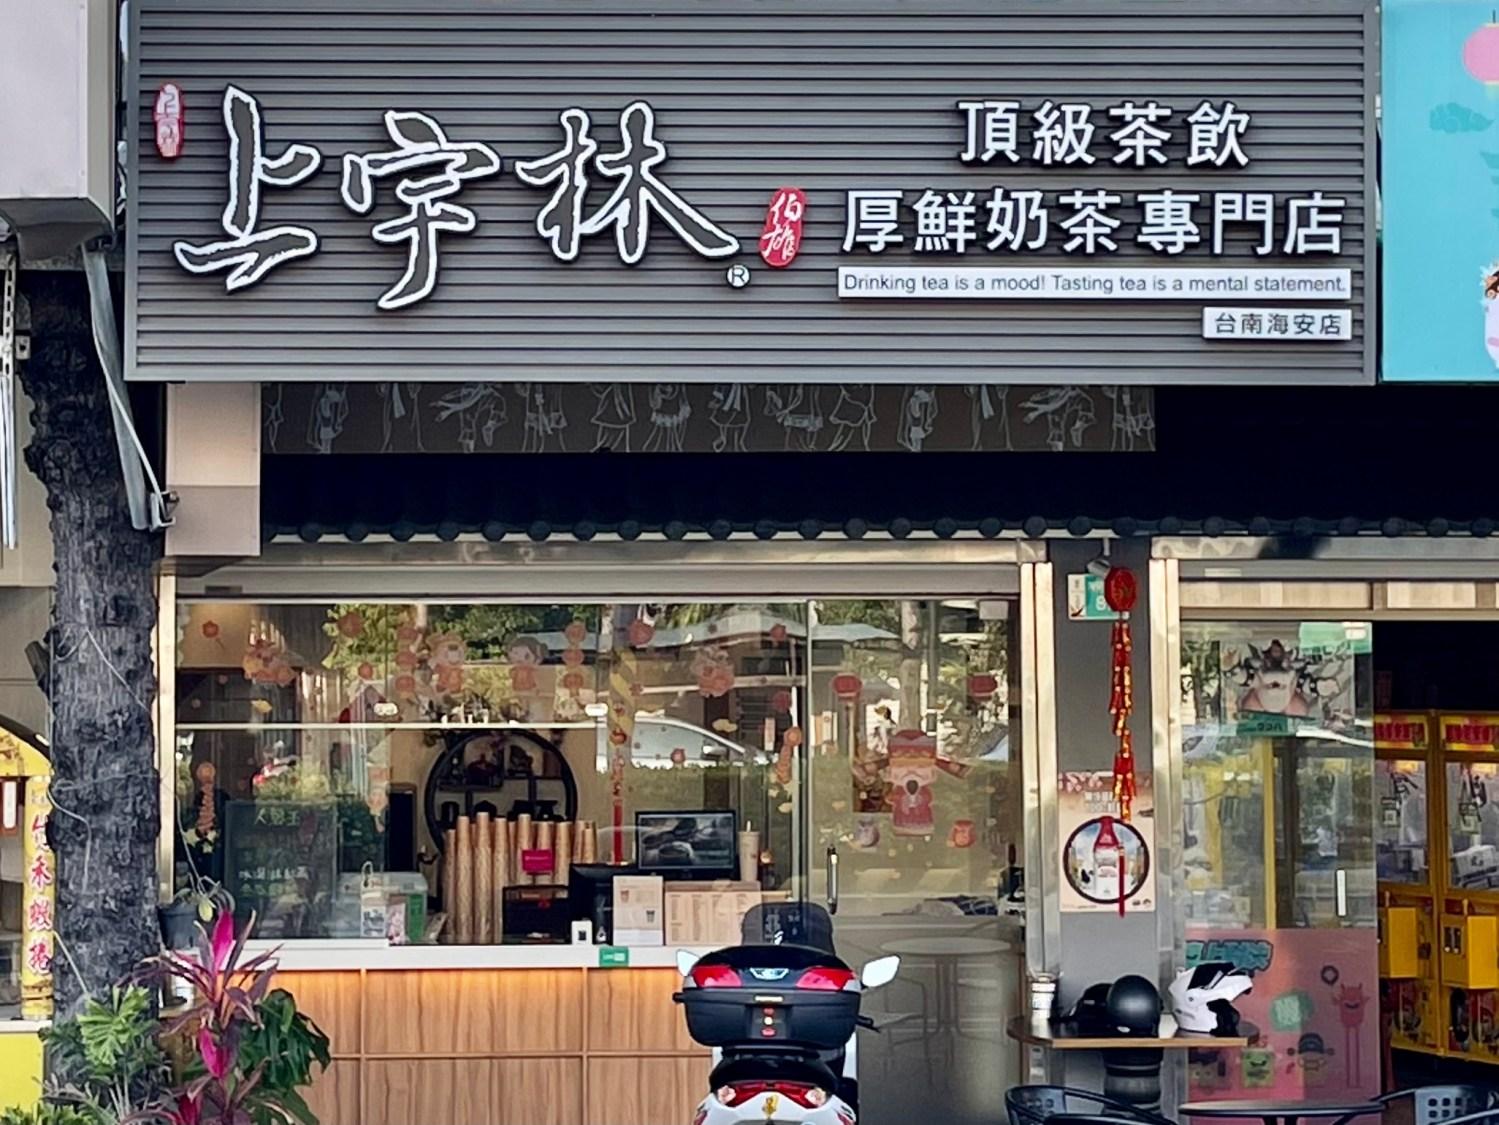 上宇林2021年菜單及分店資訊 (4月更新)